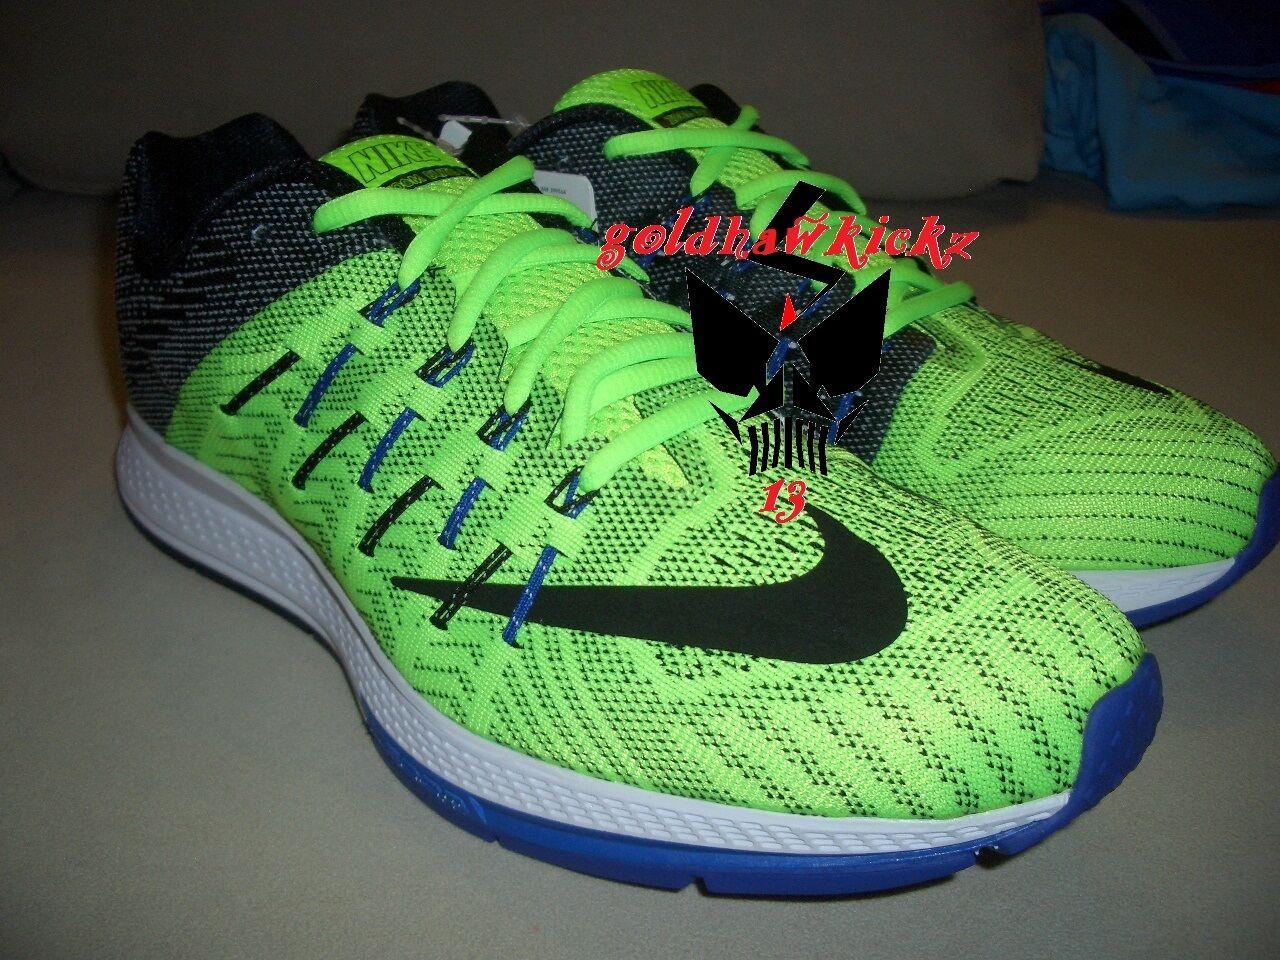 Nike zoom elite uomini 8 748588-300 electric verde bianco nero uomini elite a concord 369238